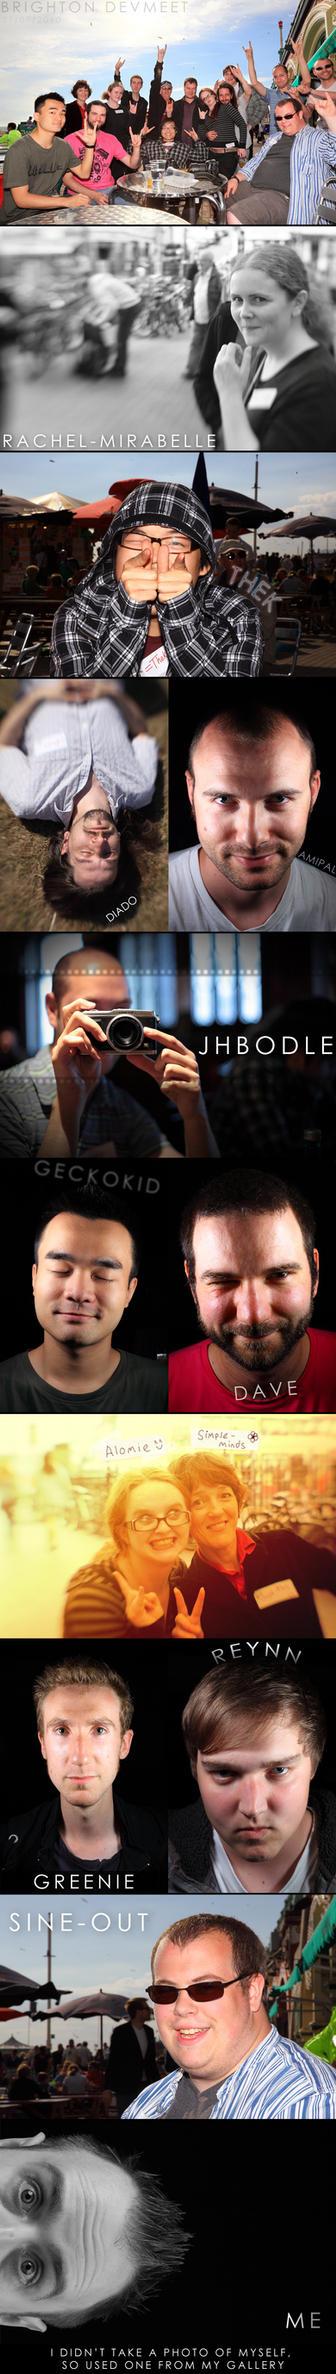 DevMeet Collage - July 2010 by AdamShepherd